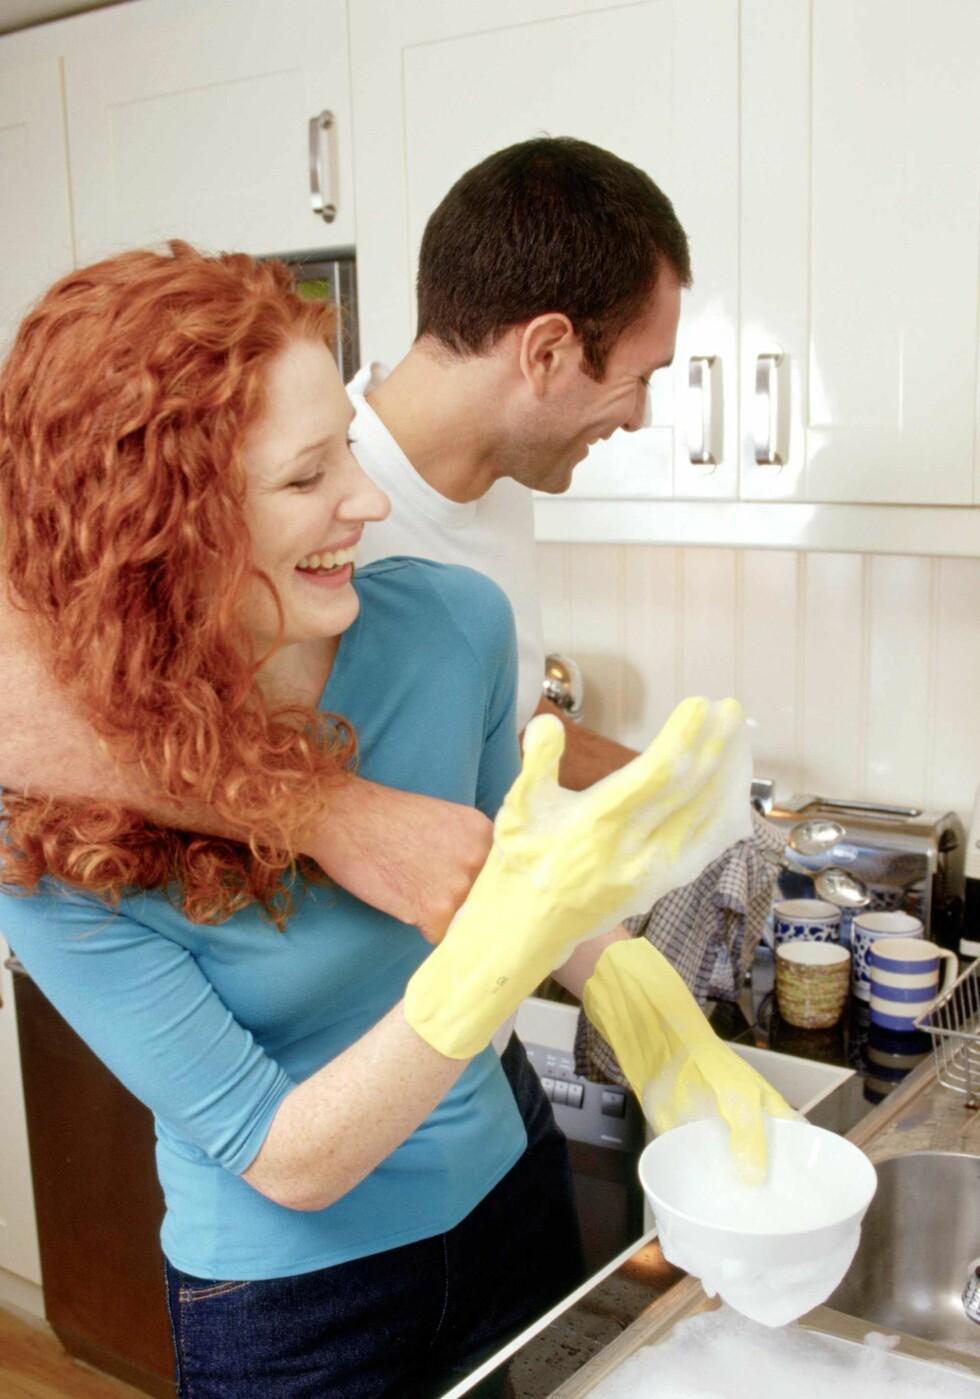 Hvis dere deler på husarbeidet, kan sexlivet få ny glød.